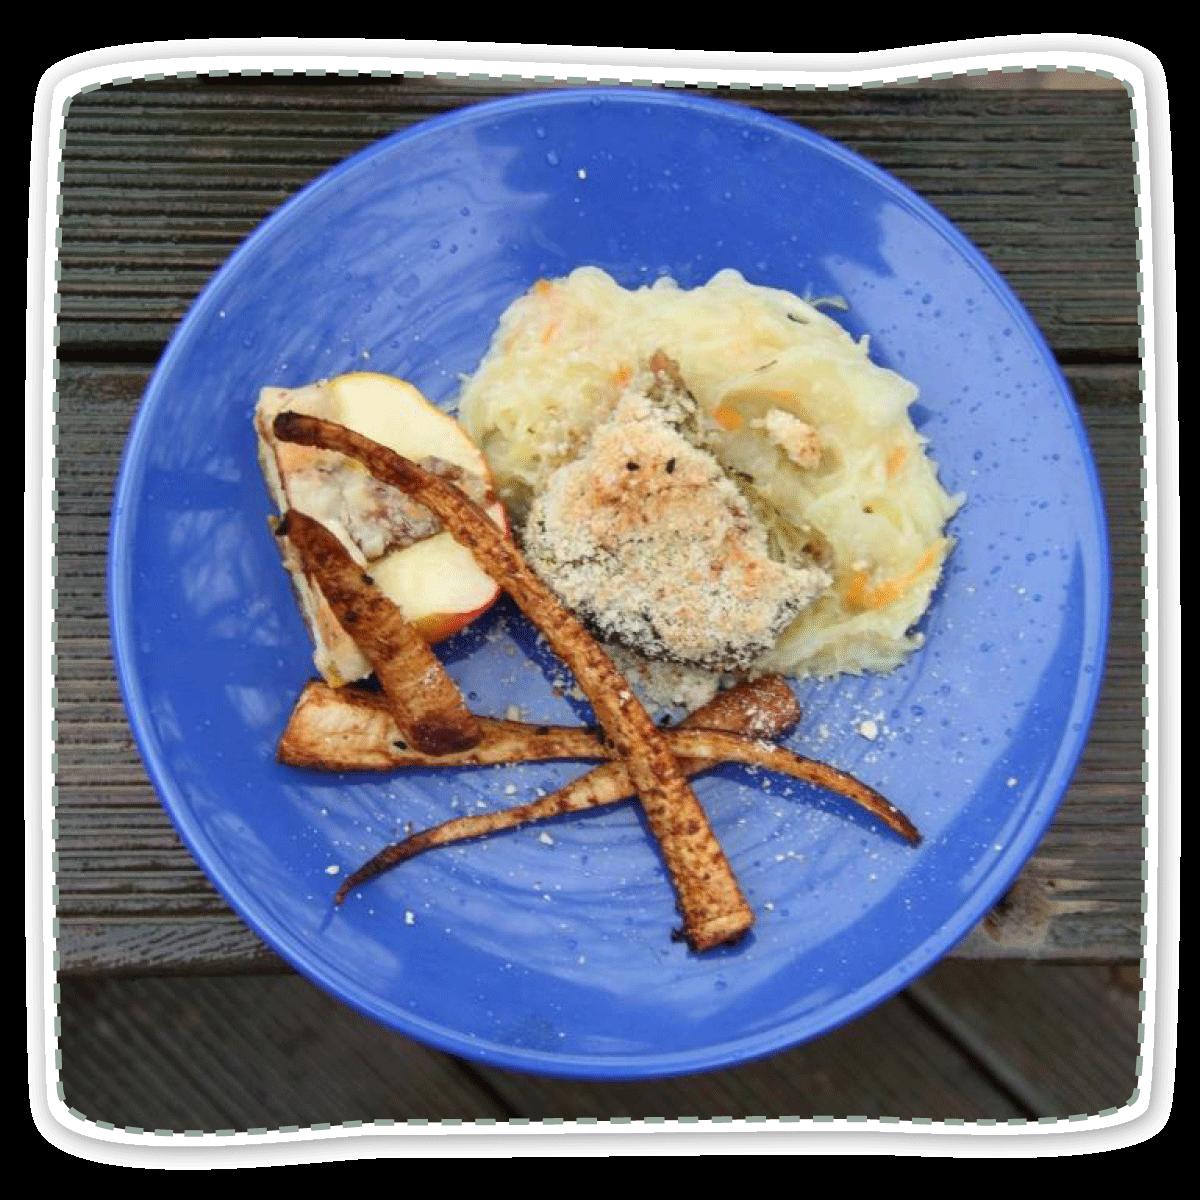 Geschmorte Linsen-Krautwickel mit Sauerkraut, Bratapfel und Zimt-Wurzel